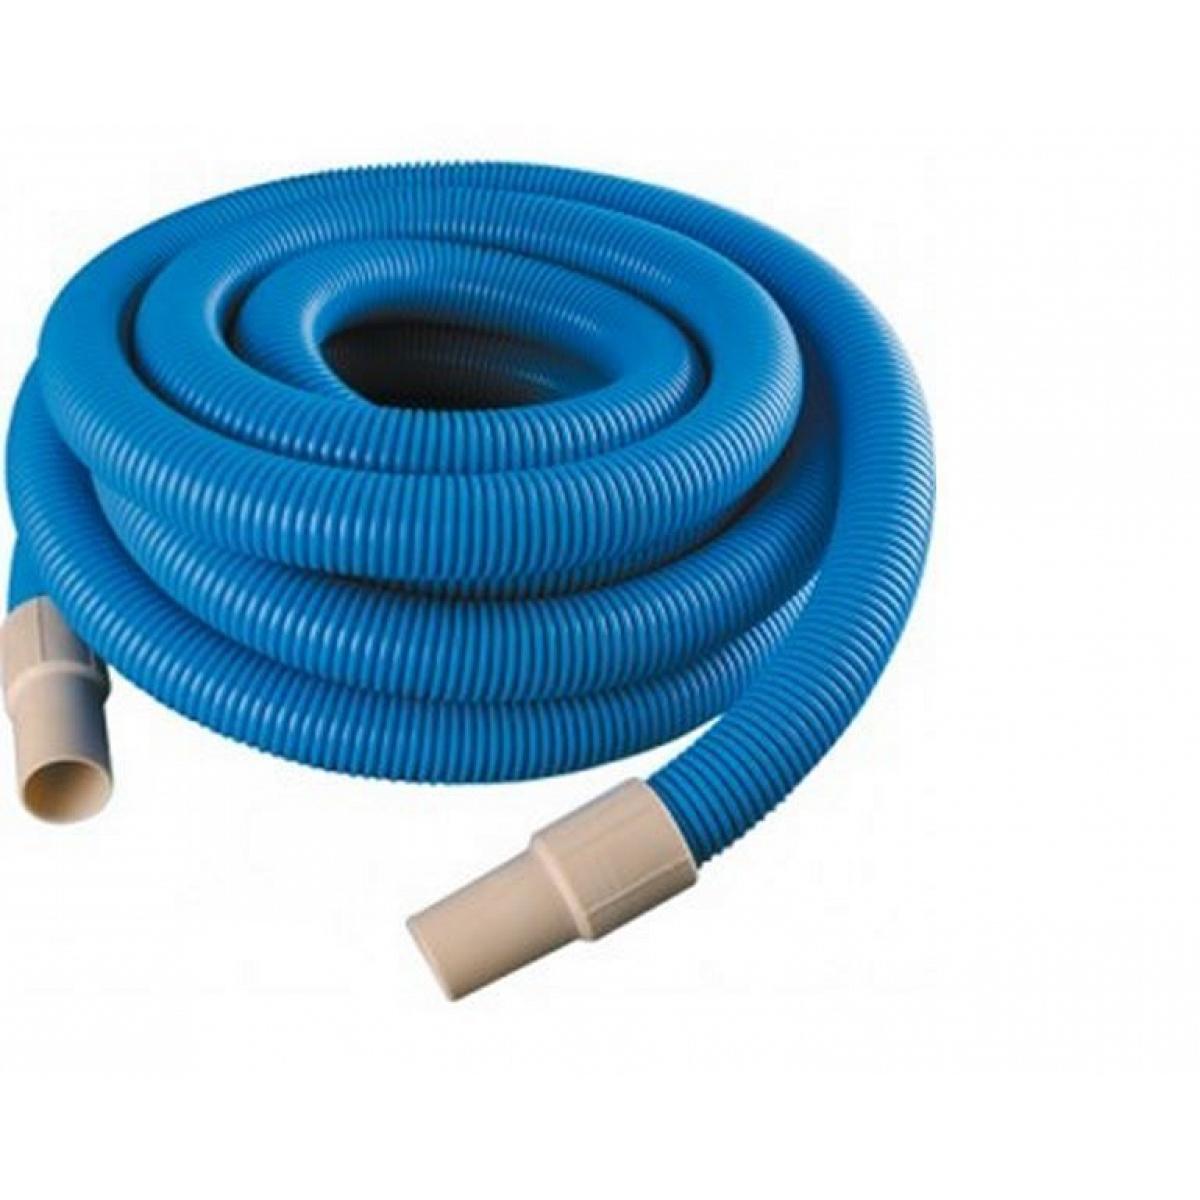 Tubo pompa filtro alianto 32x12 ailanto accessori piscine for Accessori piscine